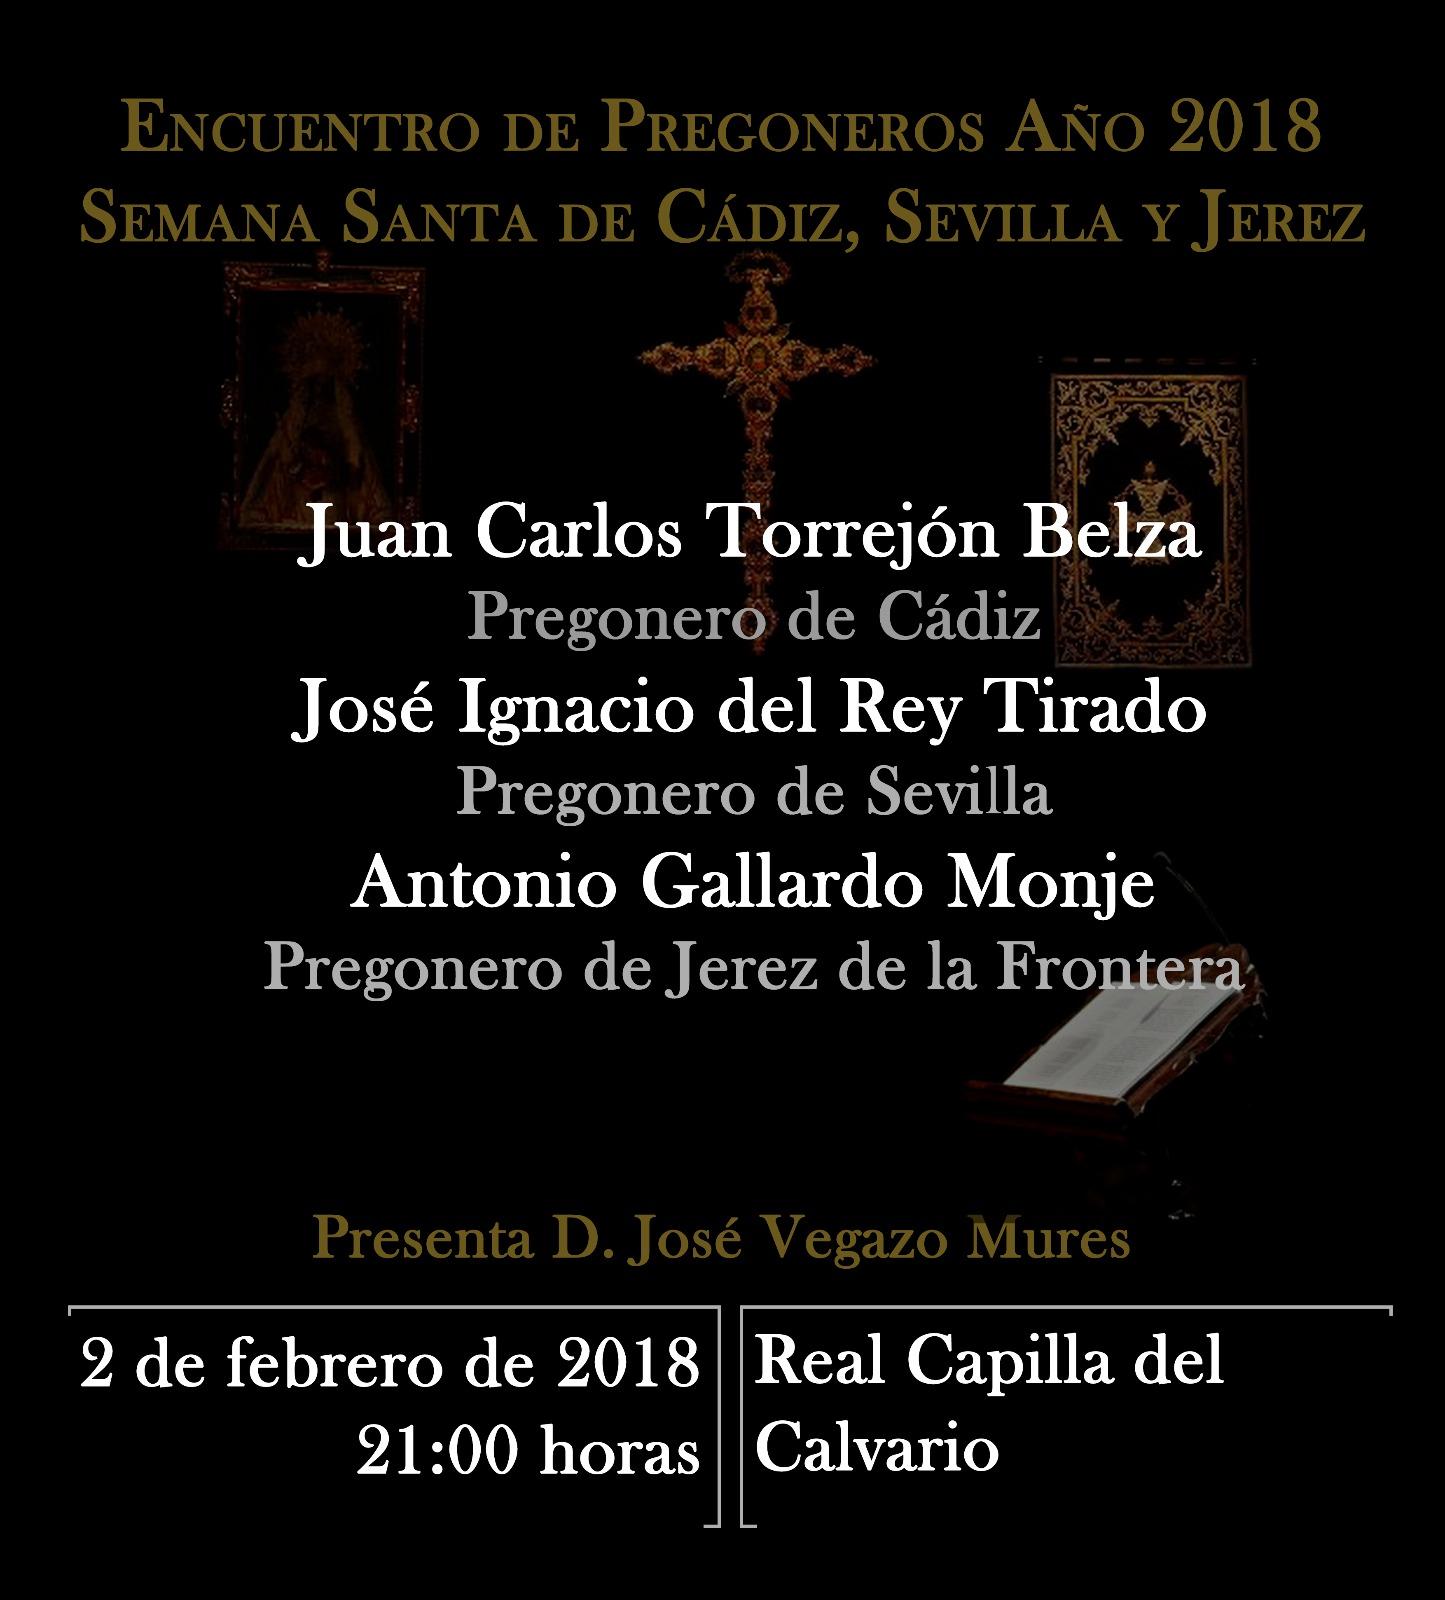 Encuentro de Pregoneros 2018